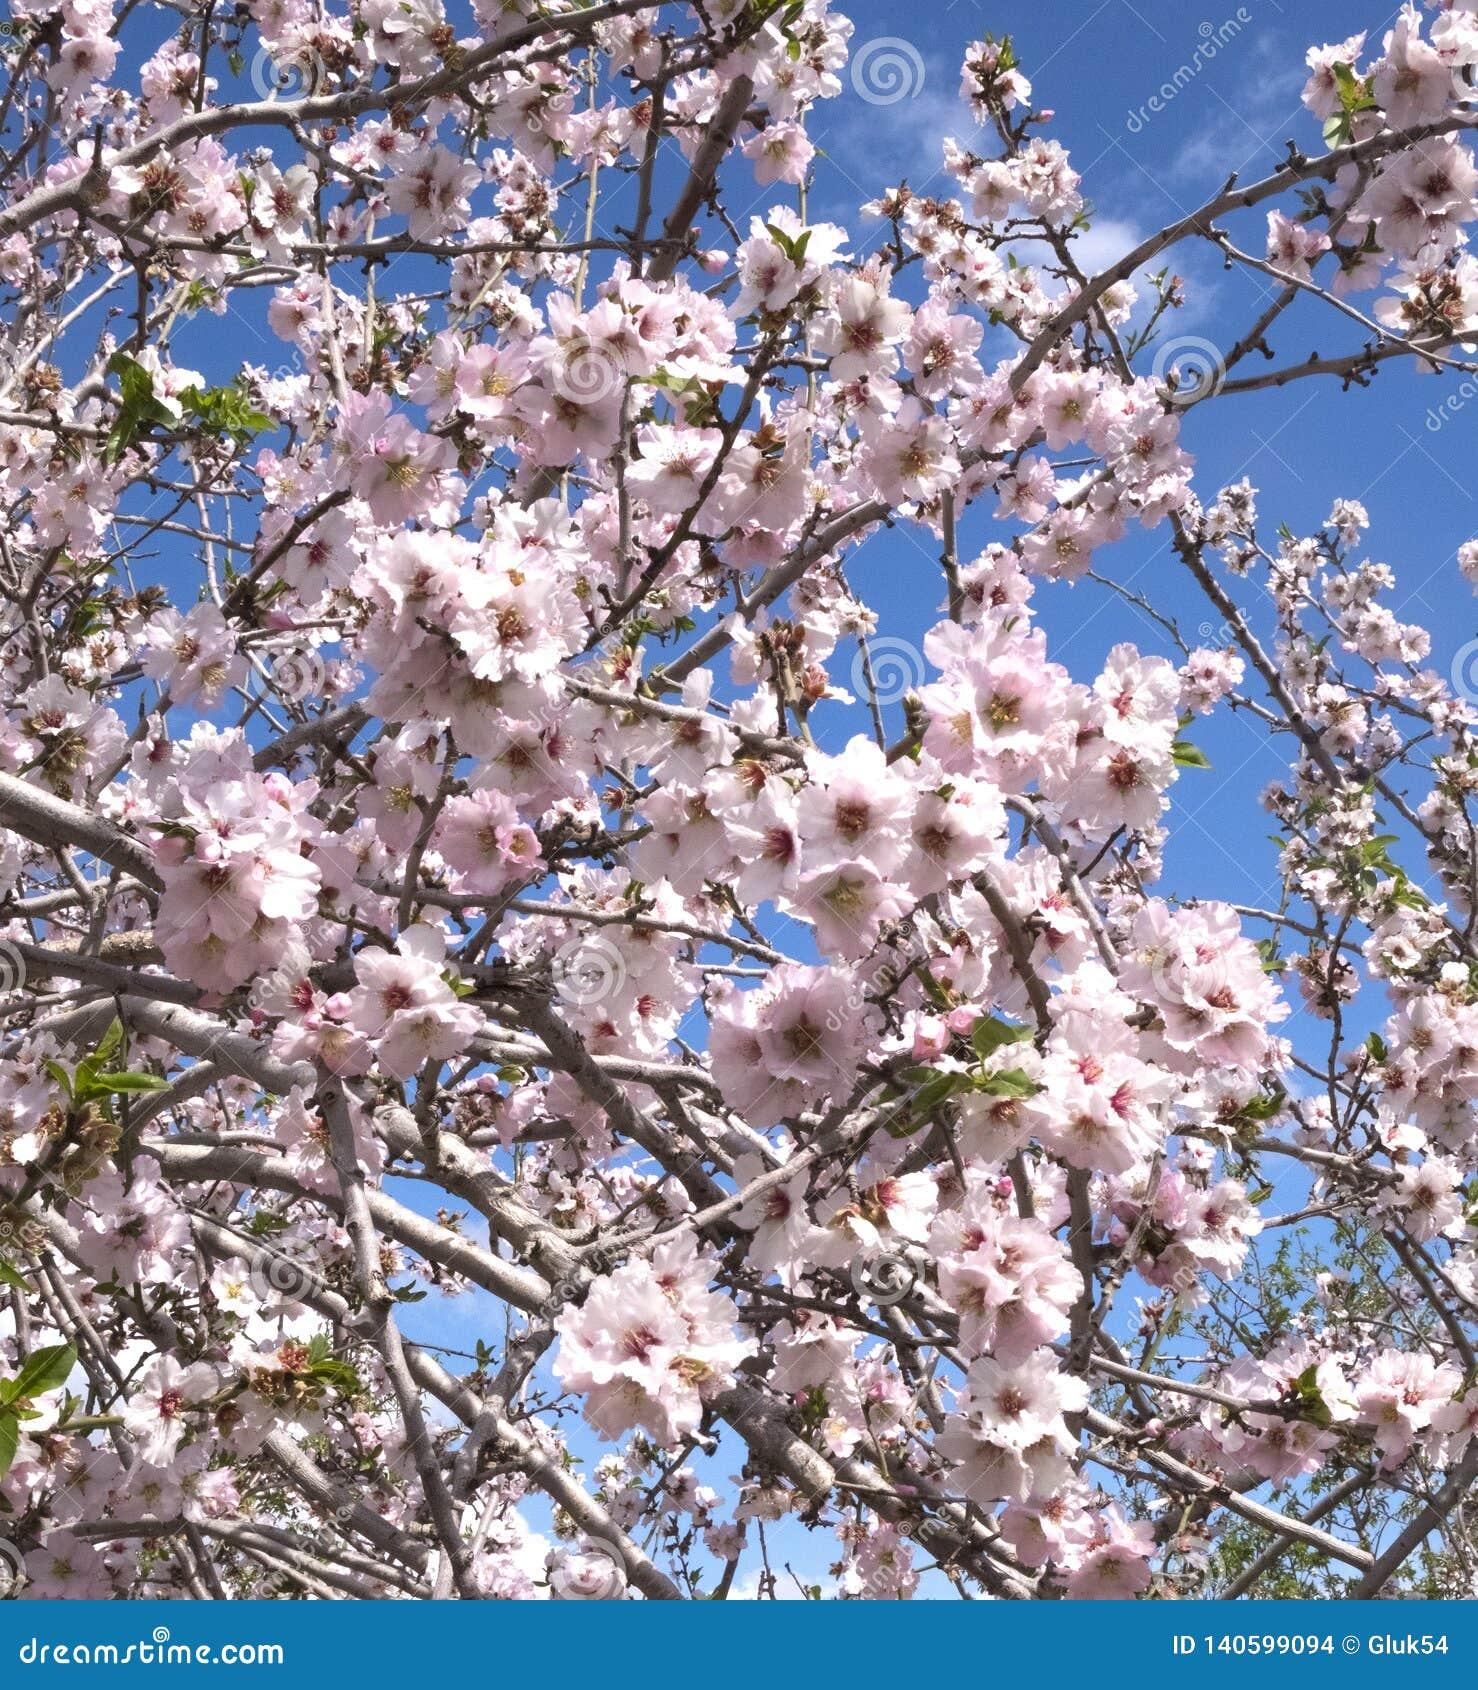 Arbres d amande fleurissant au printemps dans les collines de Latrun dans la région de Jérusalem en Israël